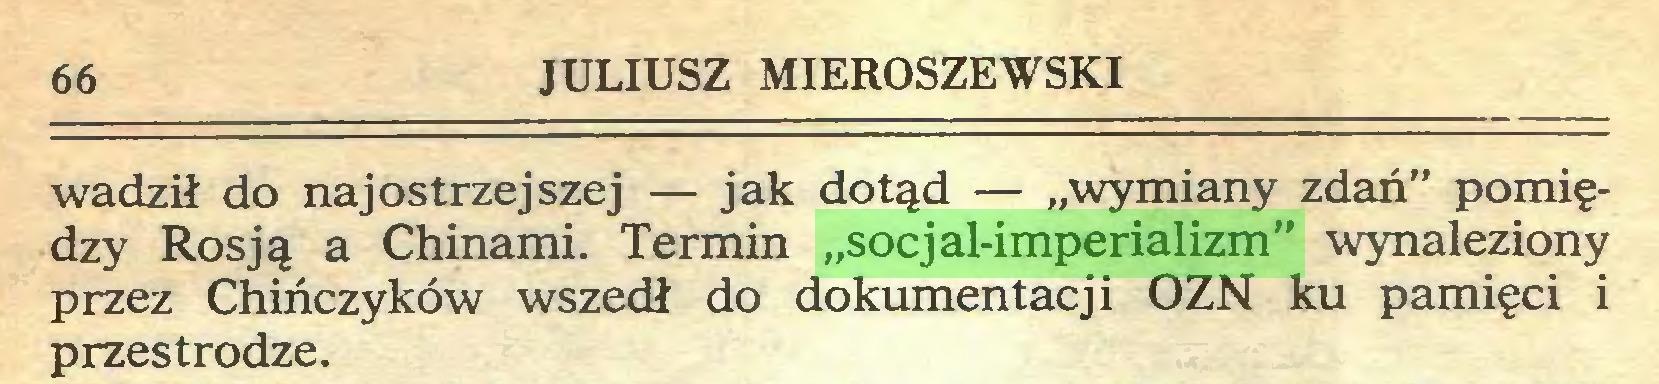 """(...) 66 JULIUSZ MIEROSZEWSKI wadził do najostrzejszej — jak dotąd — """"wymiany zdań"""" pomiędzy Rosją a Chinami. Termin """"socjal-imperializm"""" wynaleziony przez Chińczyków wszedł do dokumentacji OZN ku pamięci i przestrodze..."""